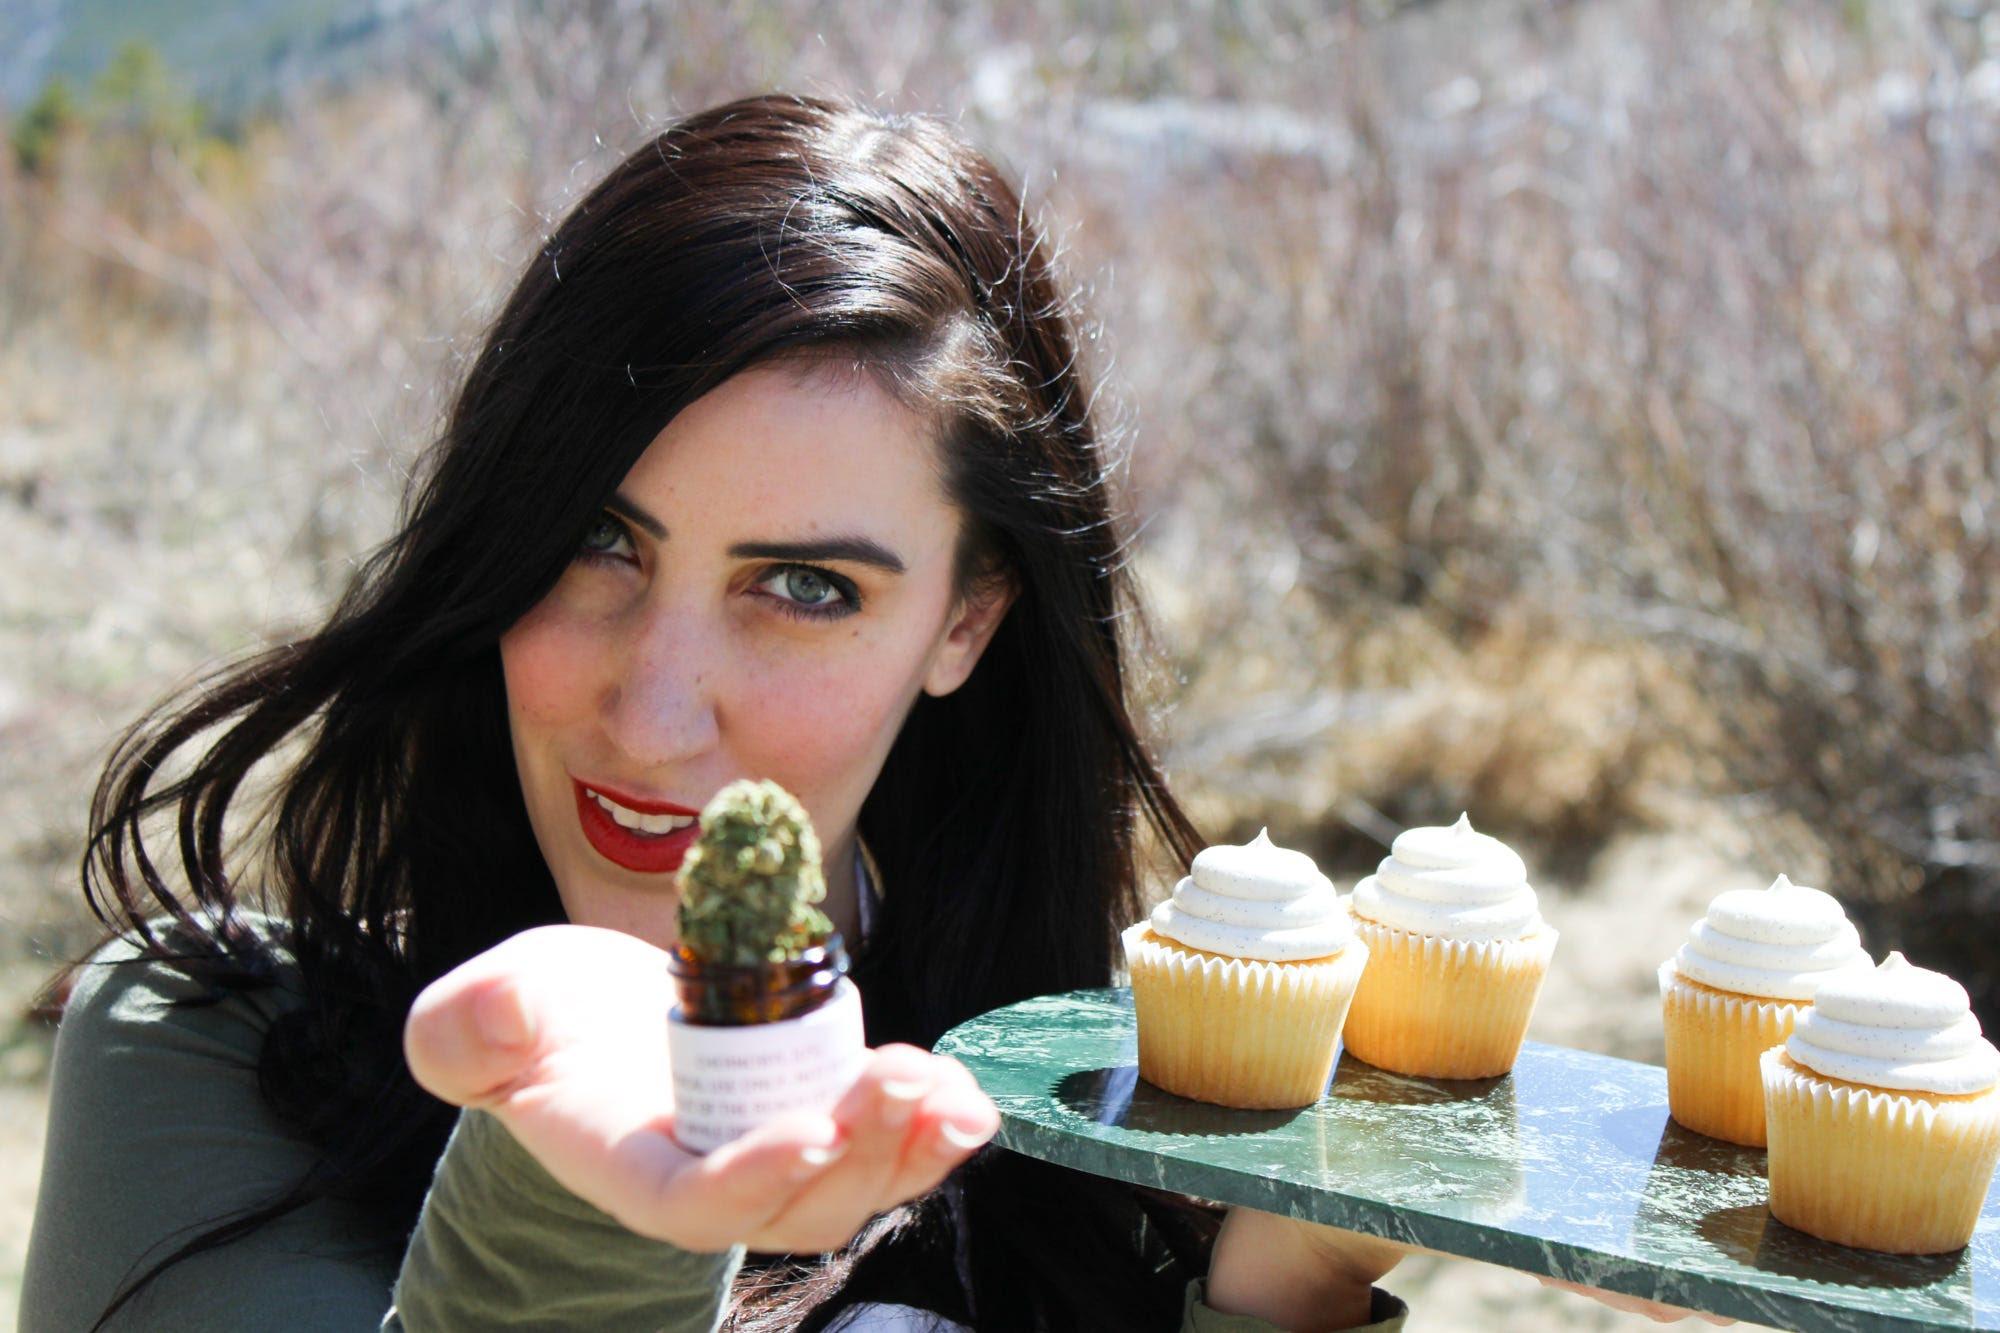 jessica catalano cannabis chef 2